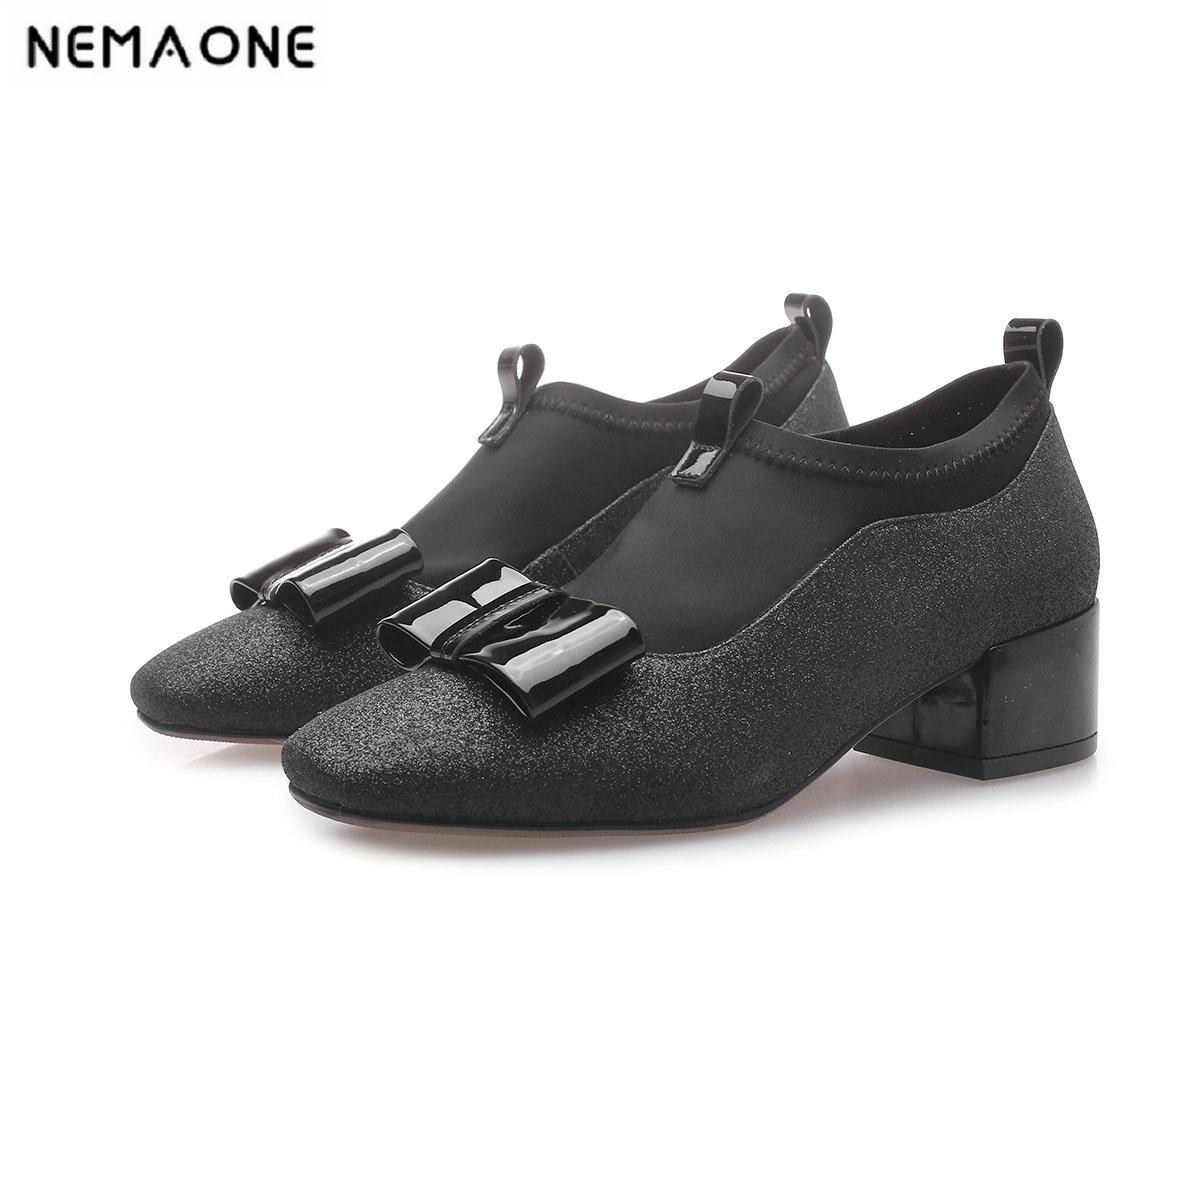 NEMAONE Nouveau 4 cm carré talons femmes pompes bout carré en cuir véritable chaussures femmes dames printemps automne chaussures